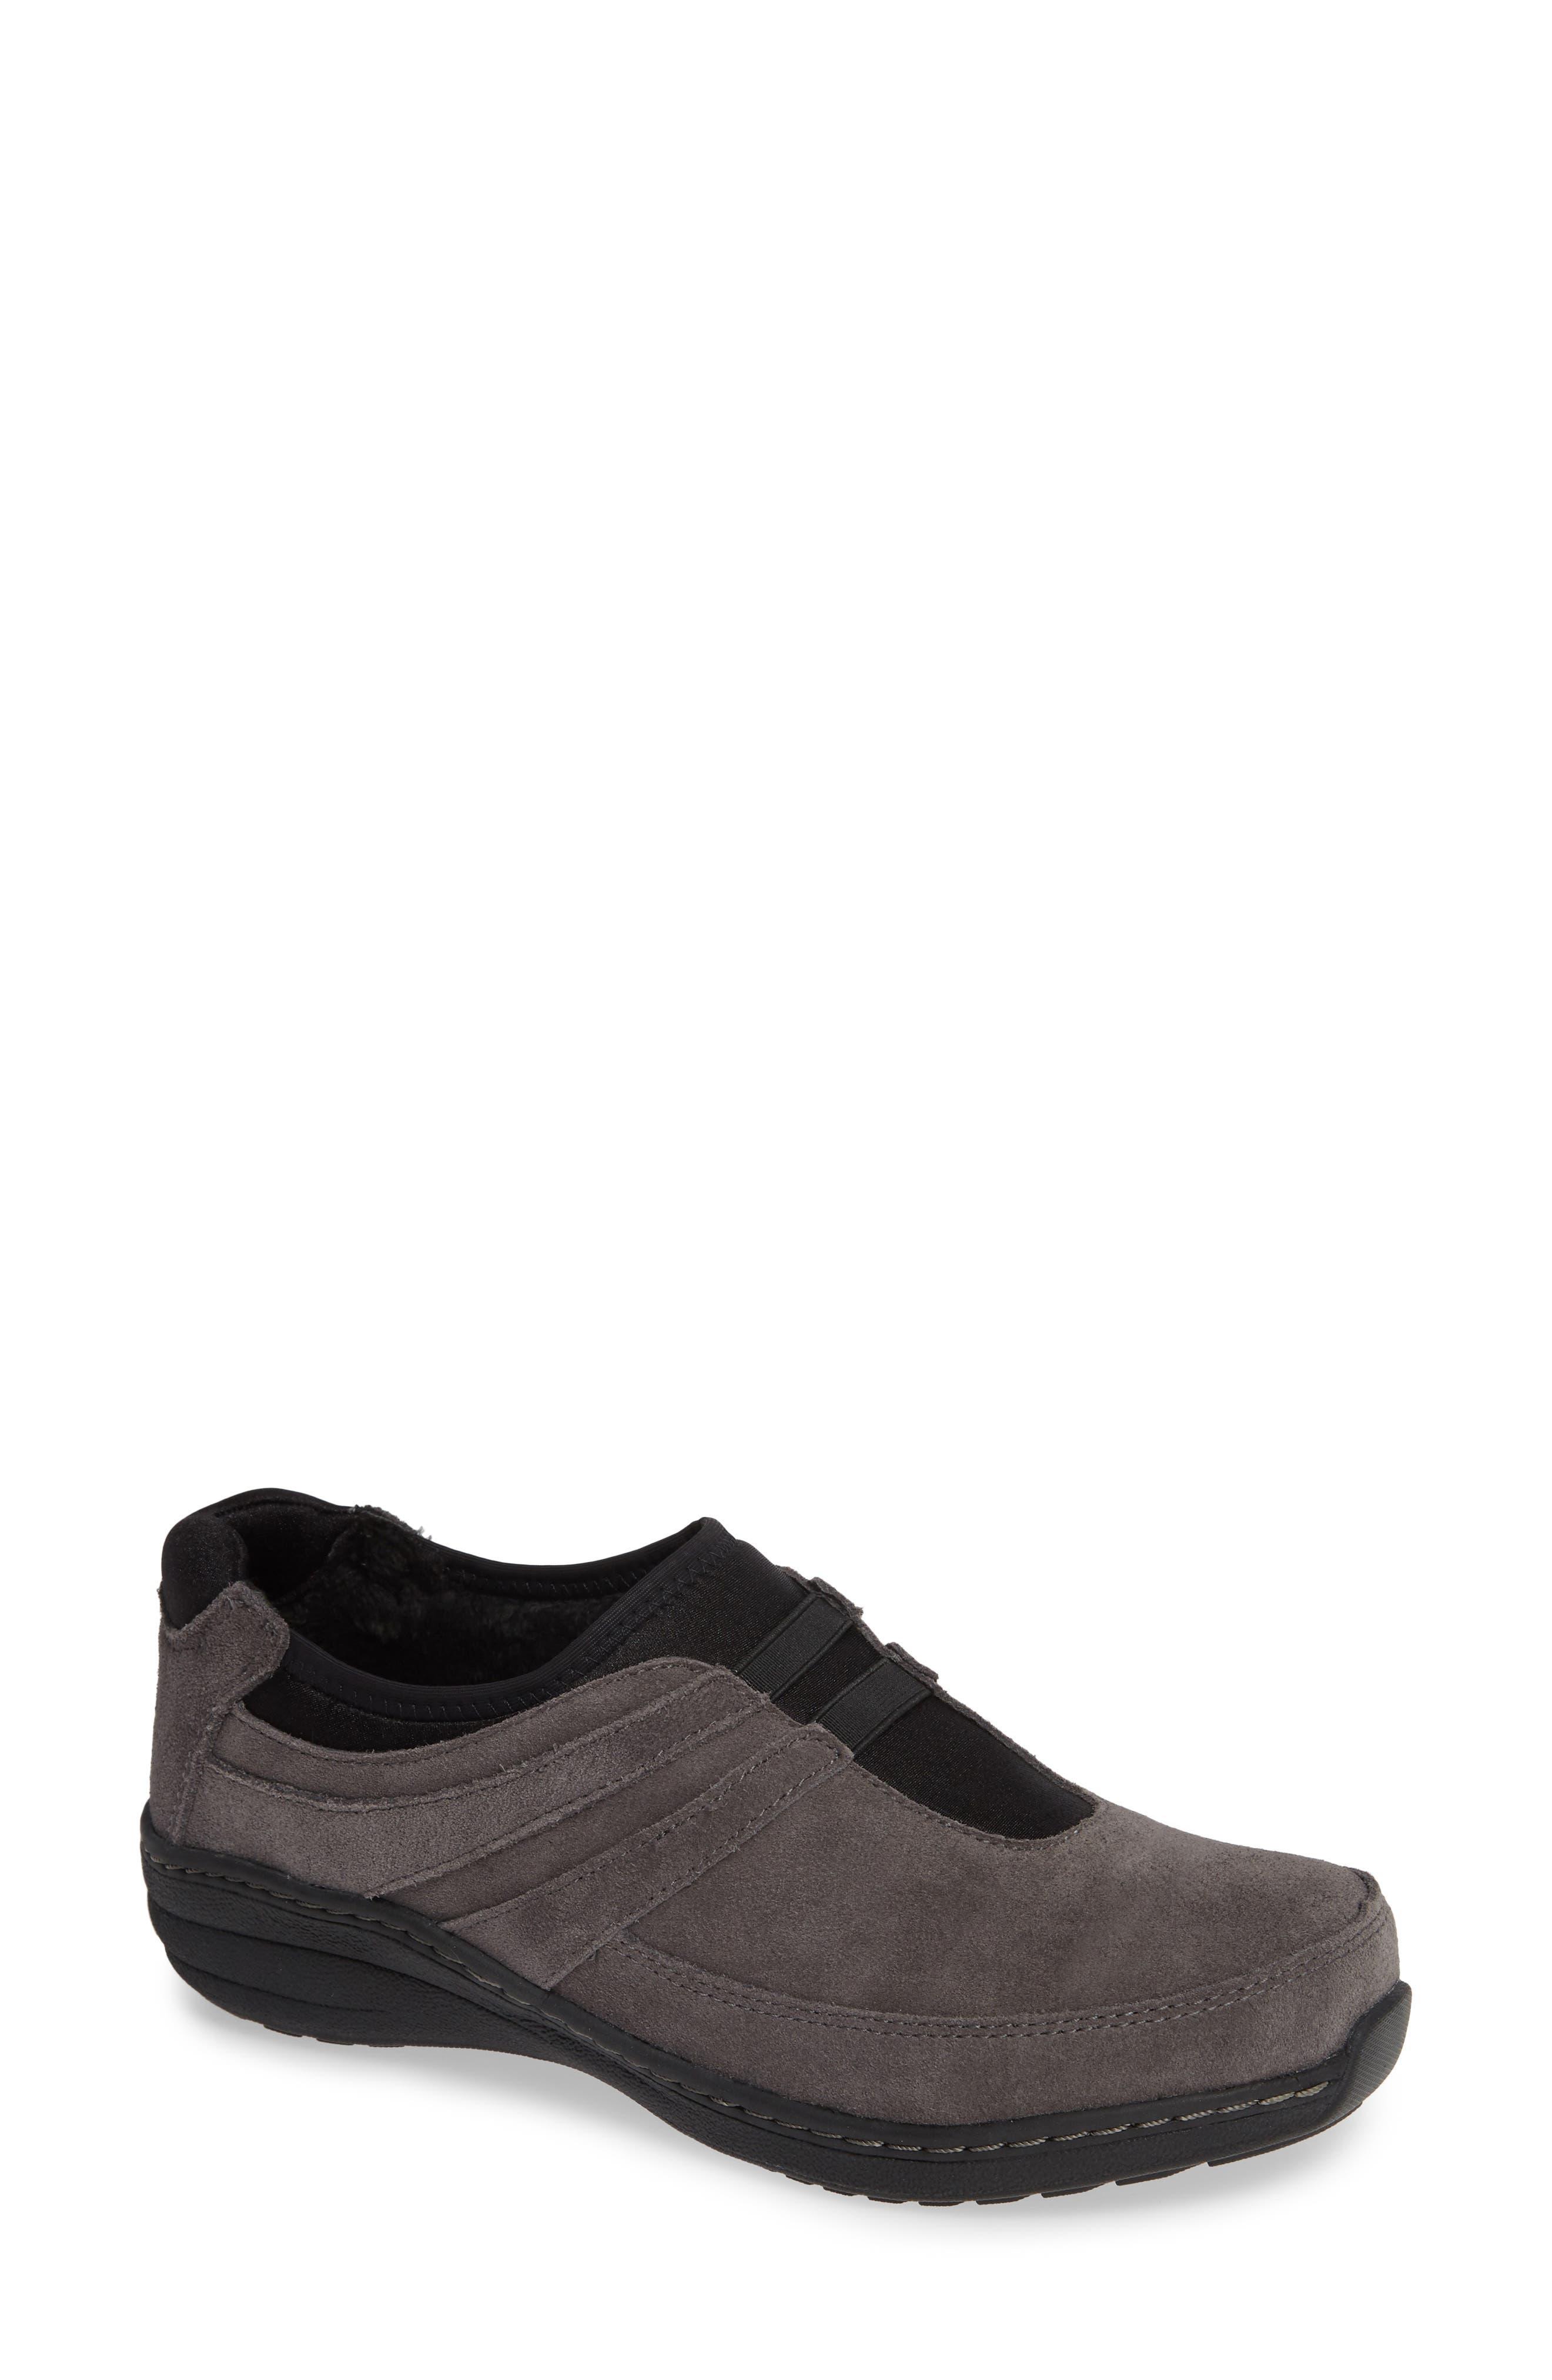 Aetrex Berries Slip-On Sneaker - Grey